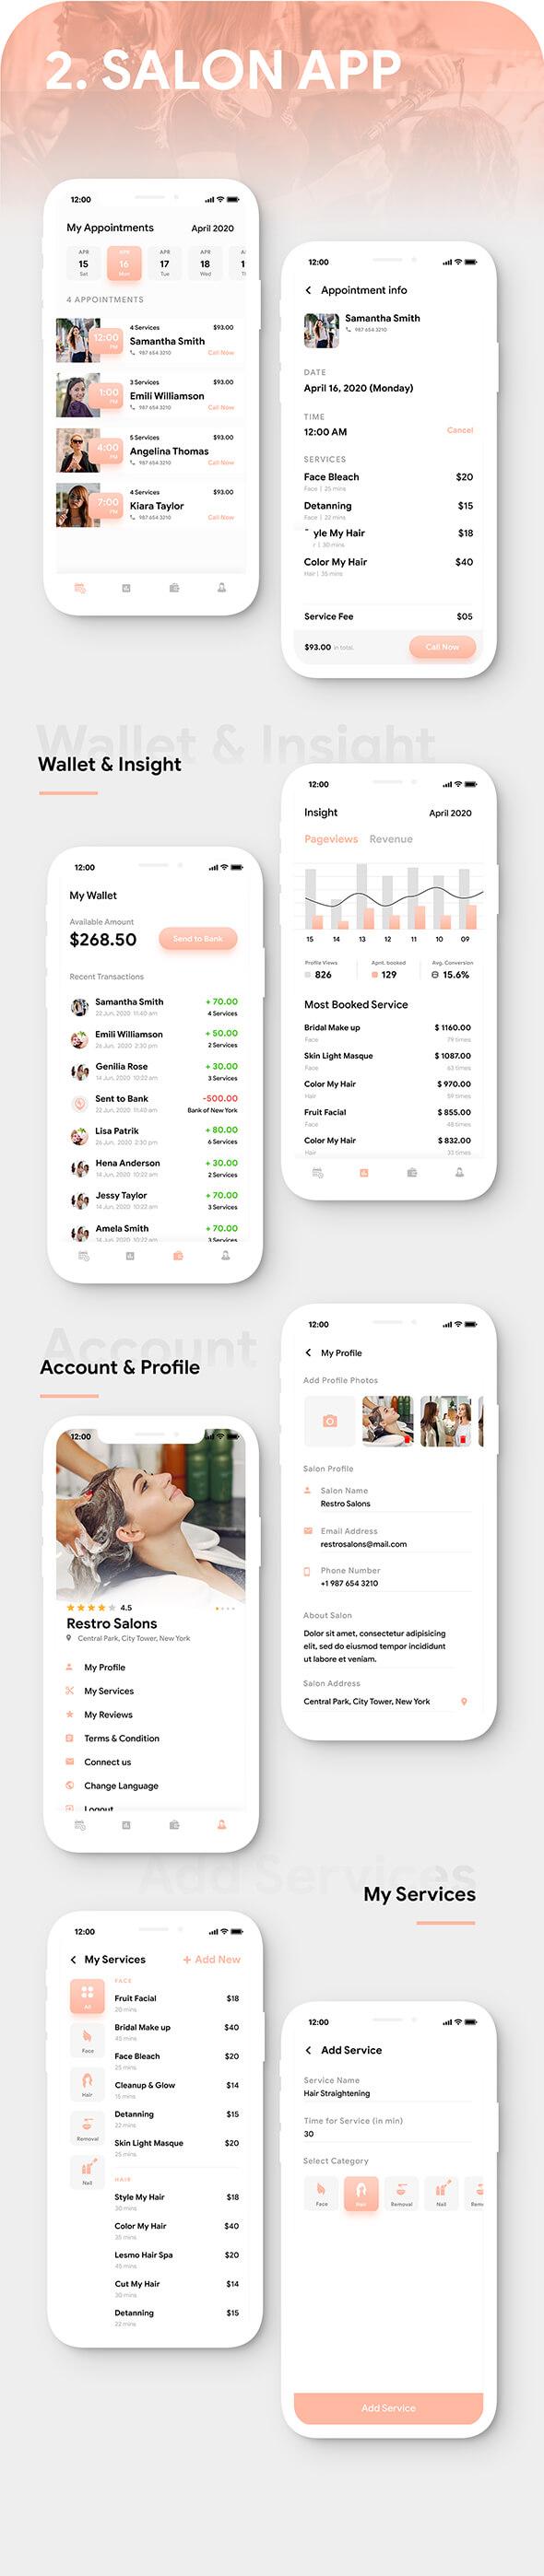 Multi Salon Android App Template+ Multi Salon iOS App Template|2 Apps User+Salon| IONIC 5| Salonza - 5